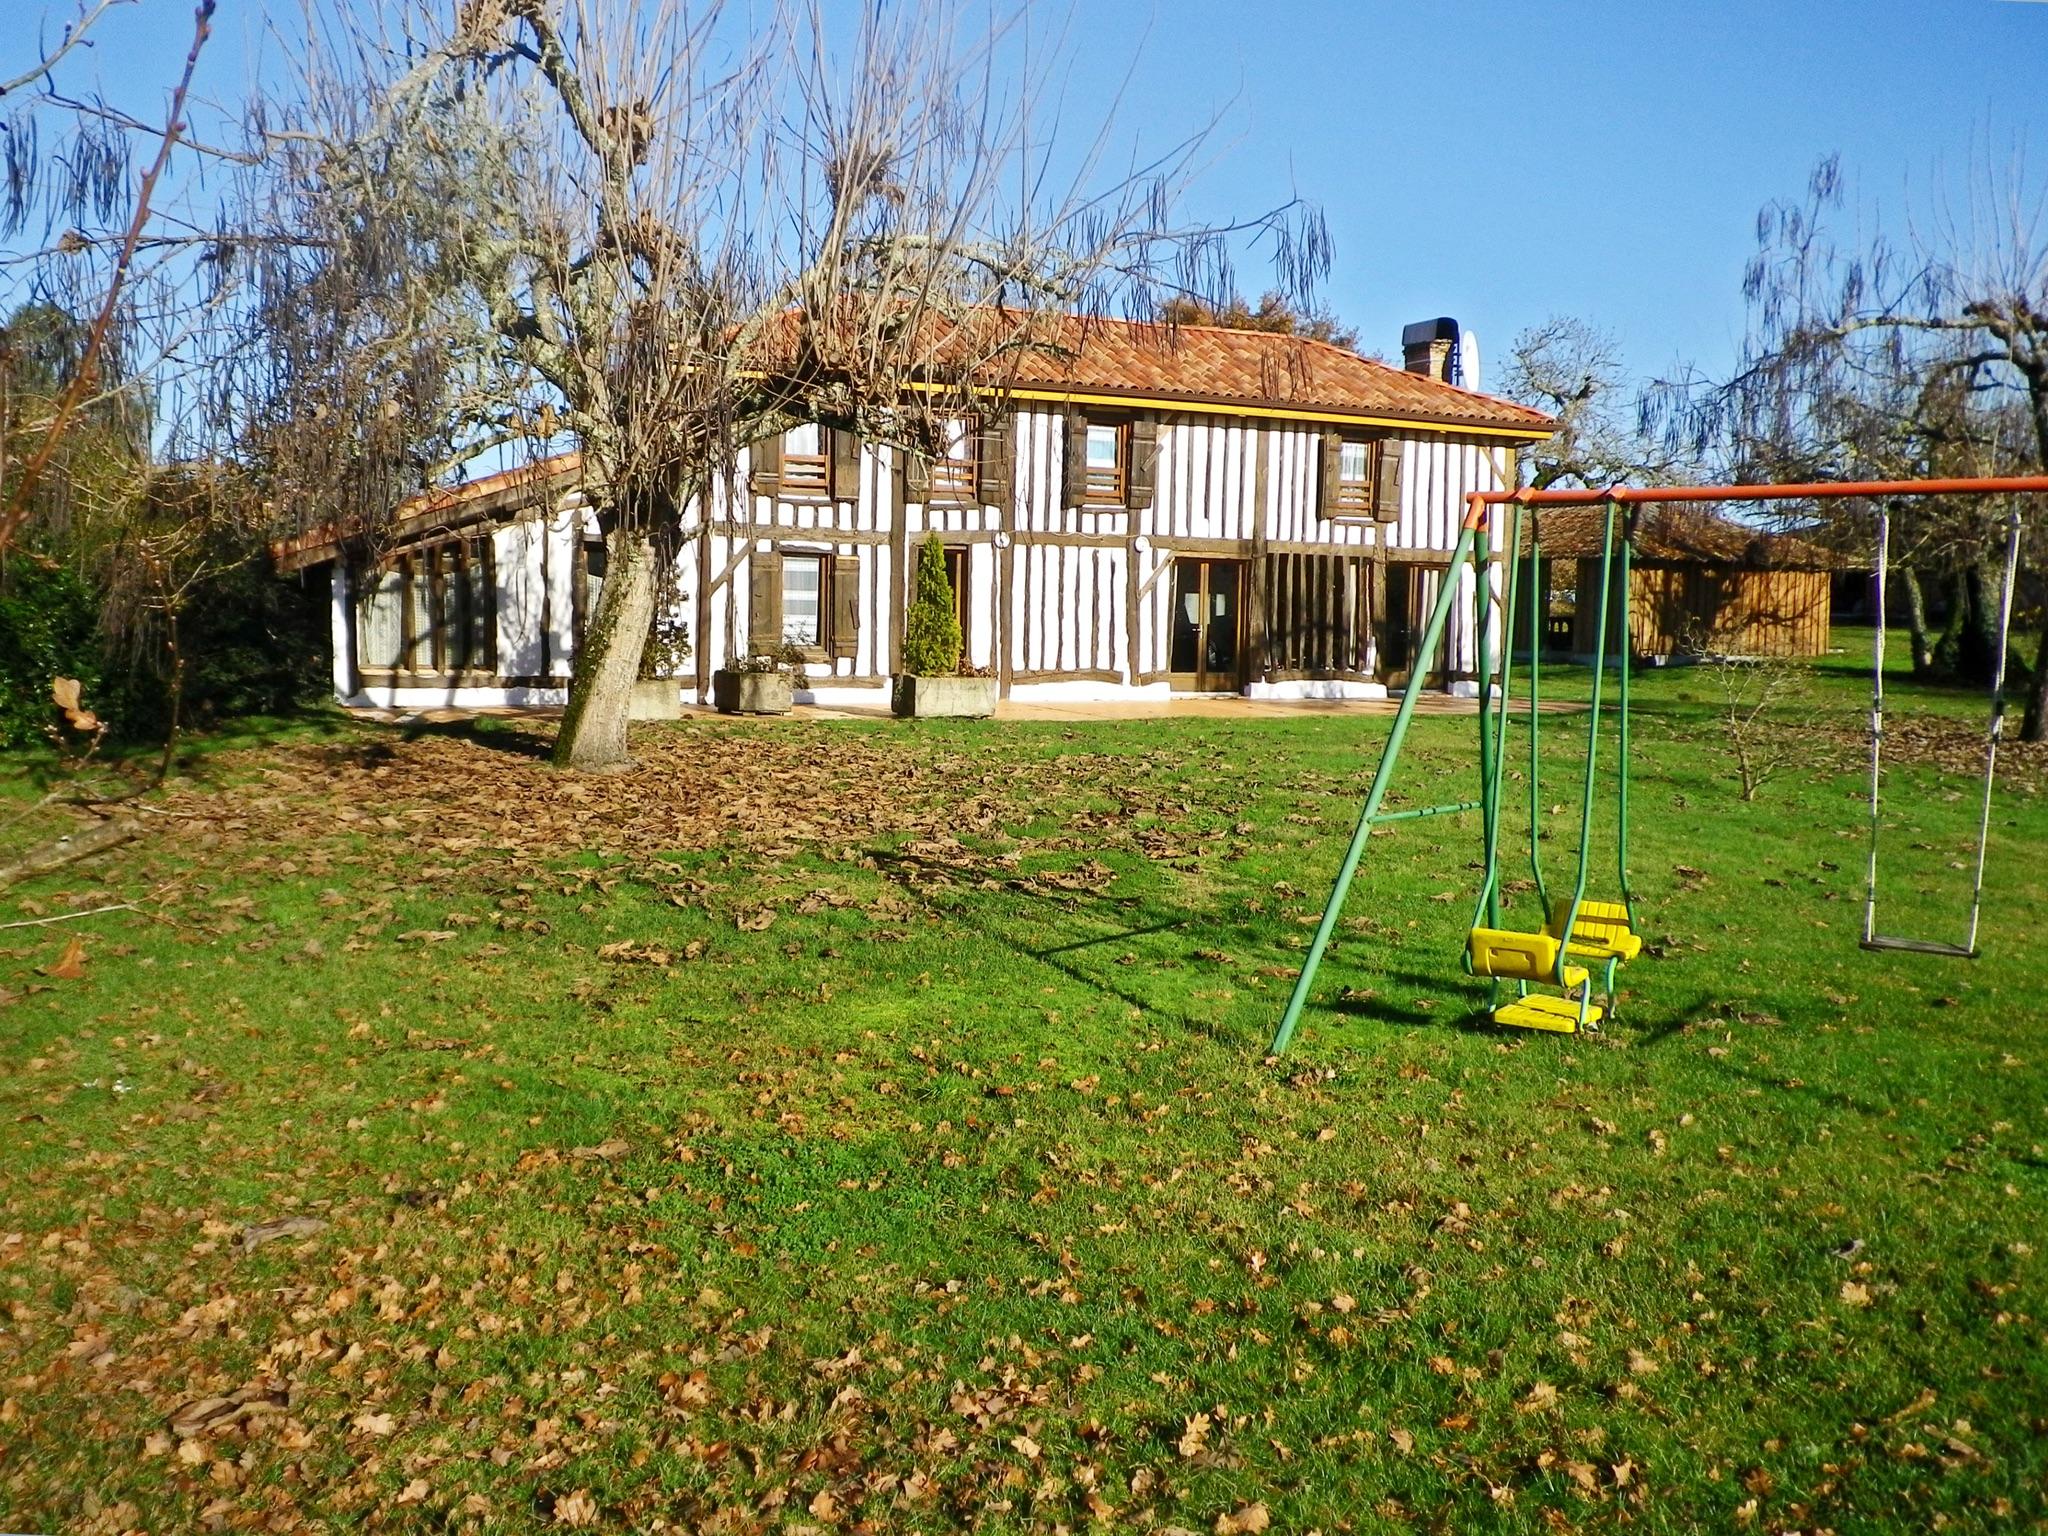 Ferienhaus Villa mit 4 Zimmern in Trensacq mit privatem Pool und möbliertem Garten - 45 km vom Strand (2202366), Trensacq, Landes, Aquitanien, Frankreich, Bild 26